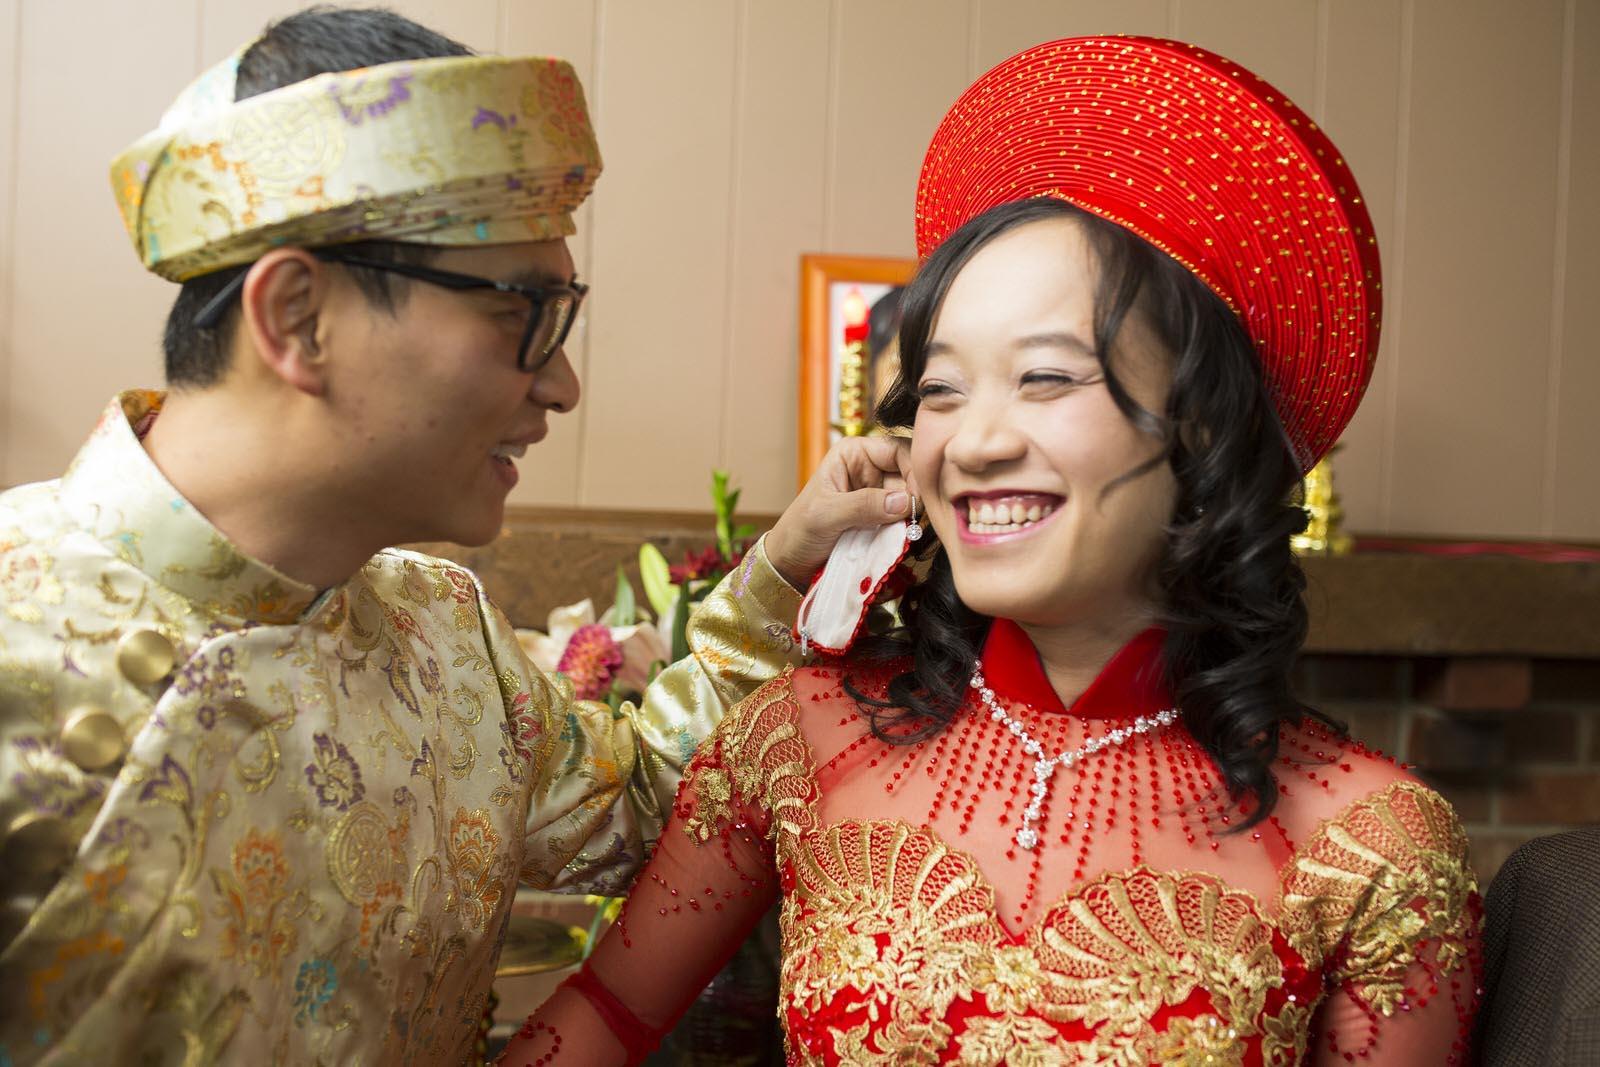 Thanh & Linh_173.jpg